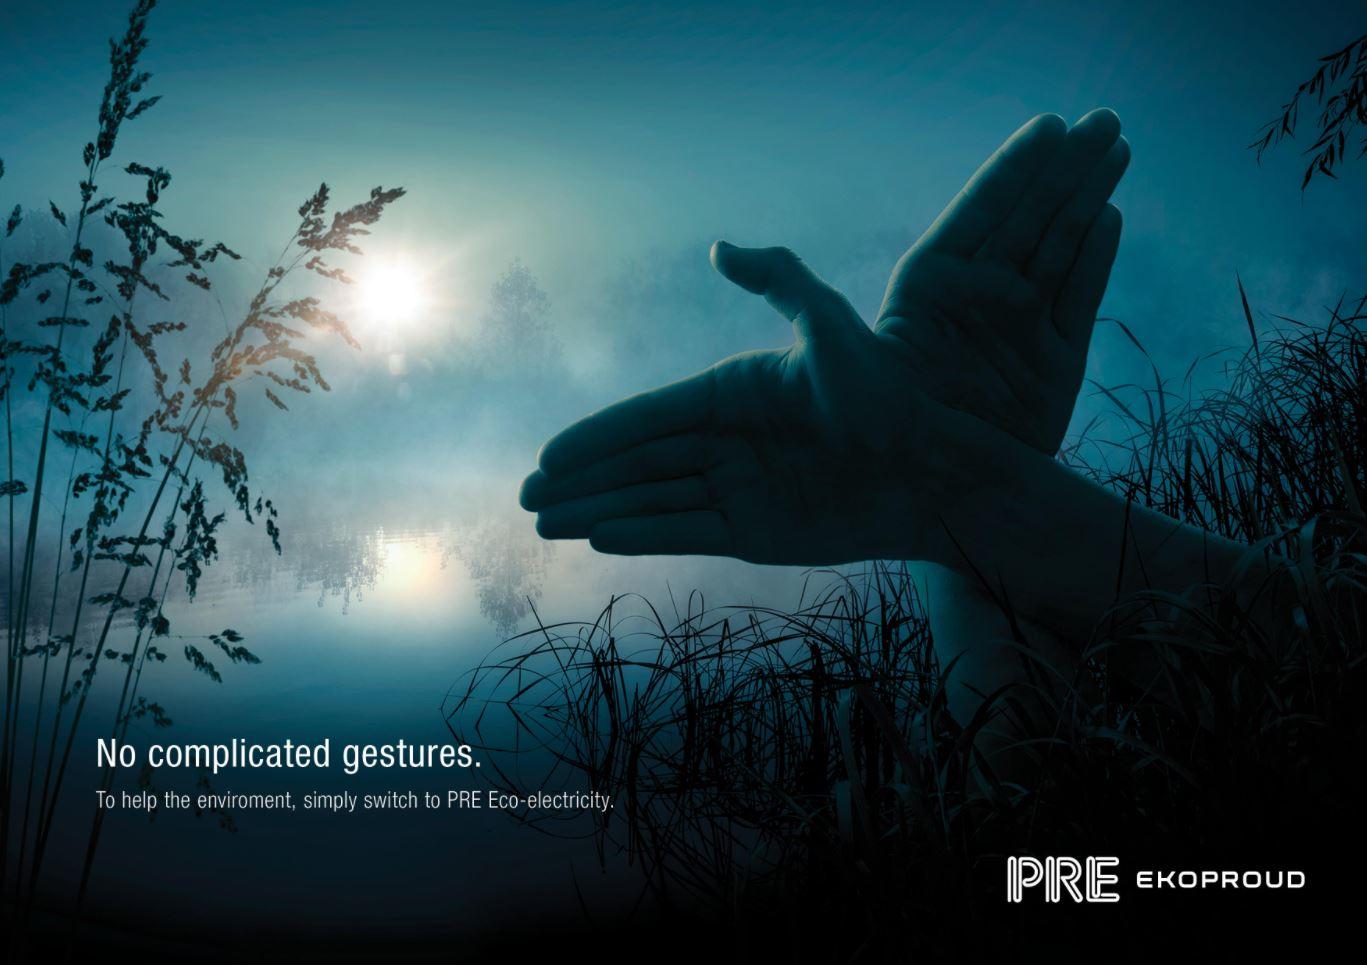 No complicated gestures 03